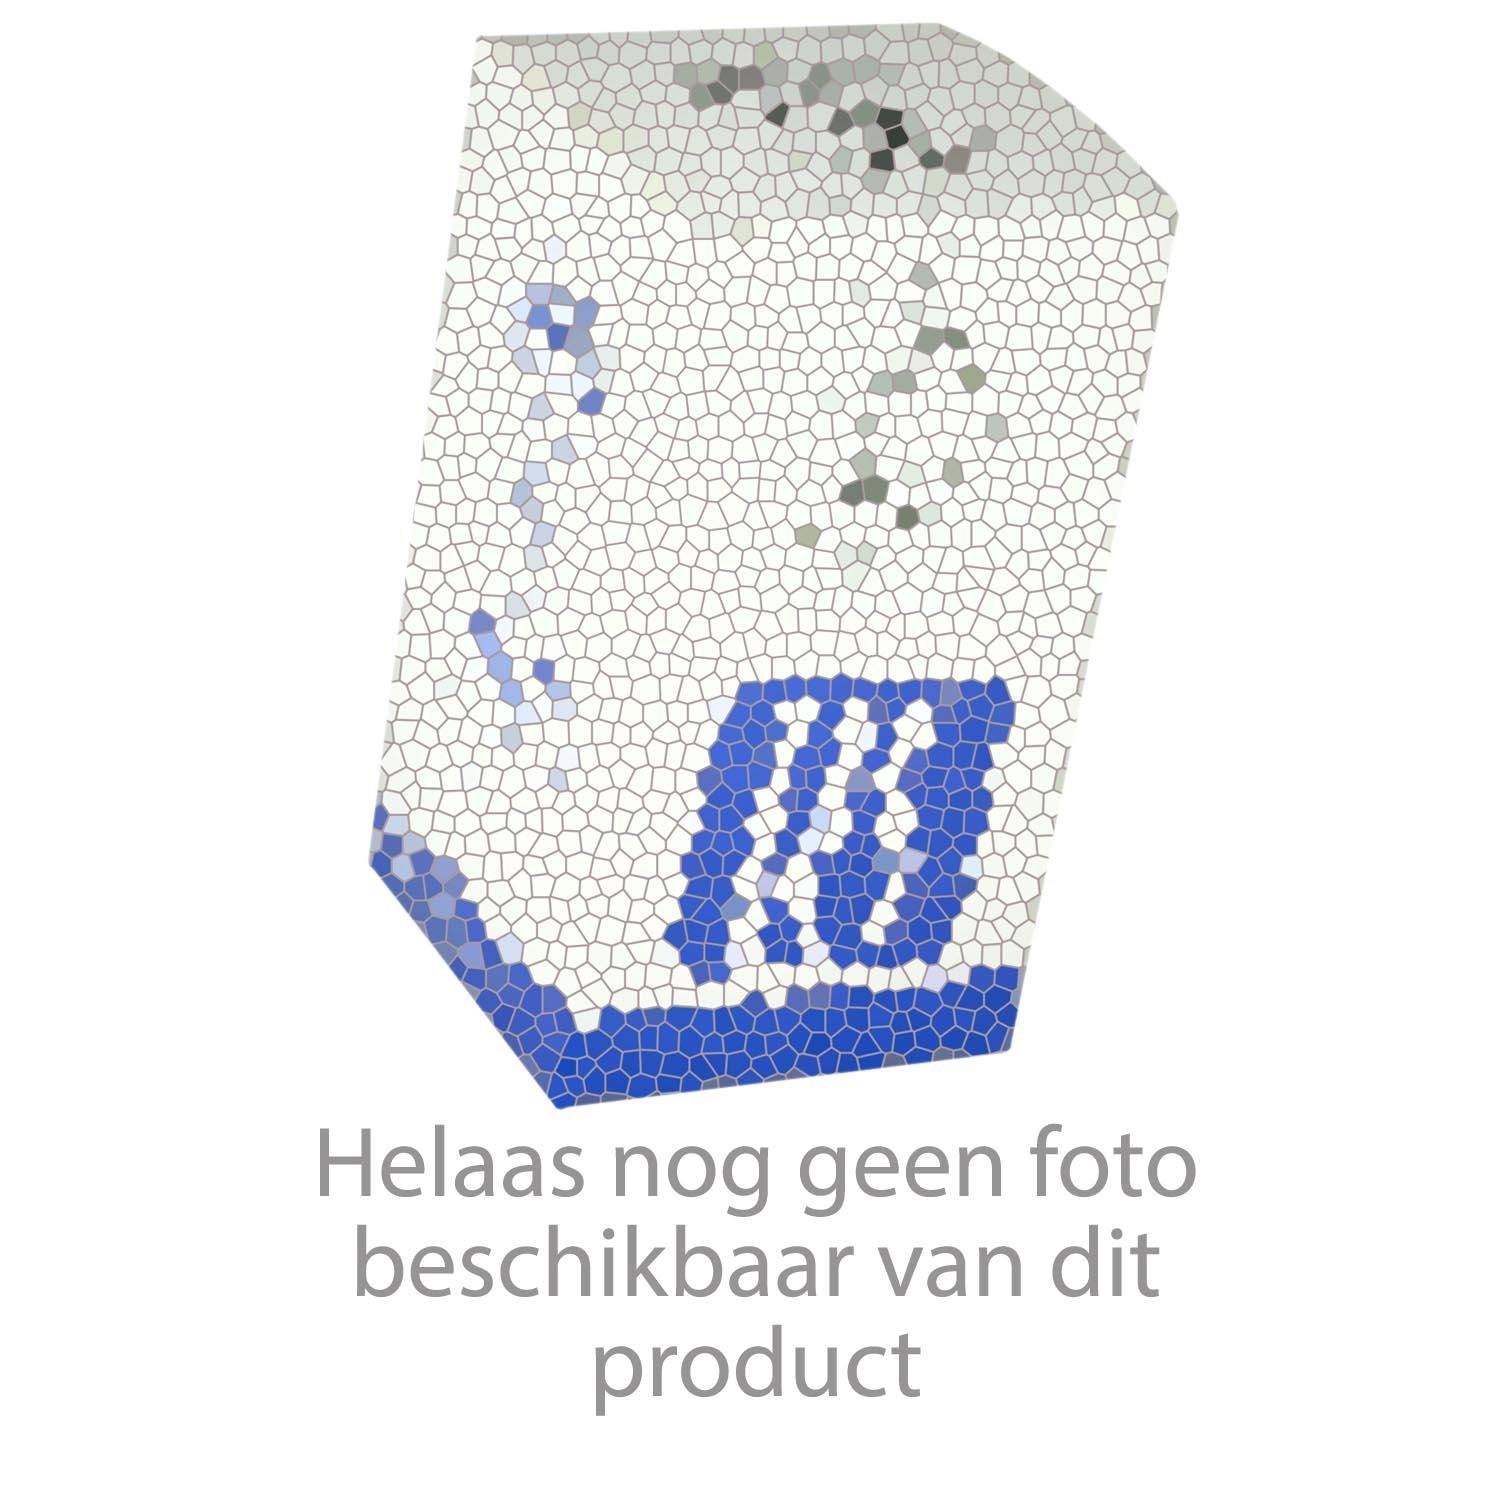 HansGrohe Afvoer- en overloopgarnituren Bekersifons productiejaar > 04/01 52100 onderdelen